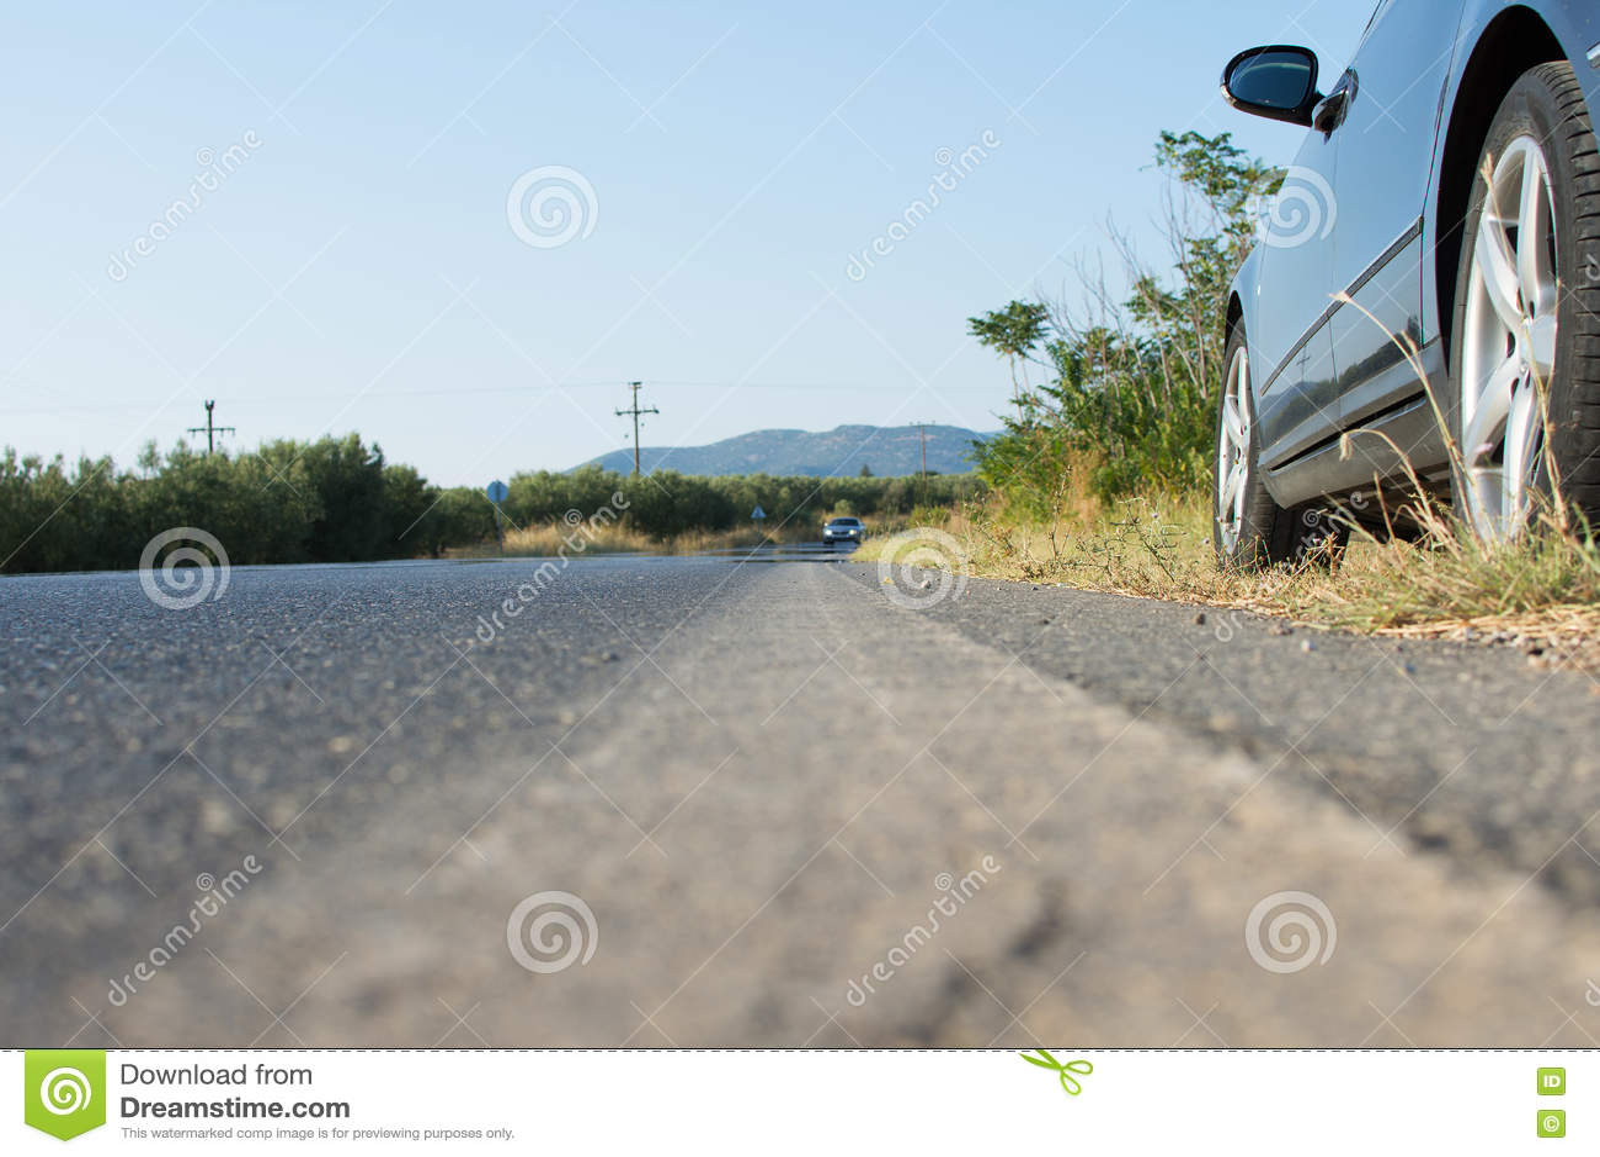 Auto door de Partij van een Weg in Landelijk Land wordt geparkeerd dat Hinderlaag door Zwarte Auto op Asphalt Road